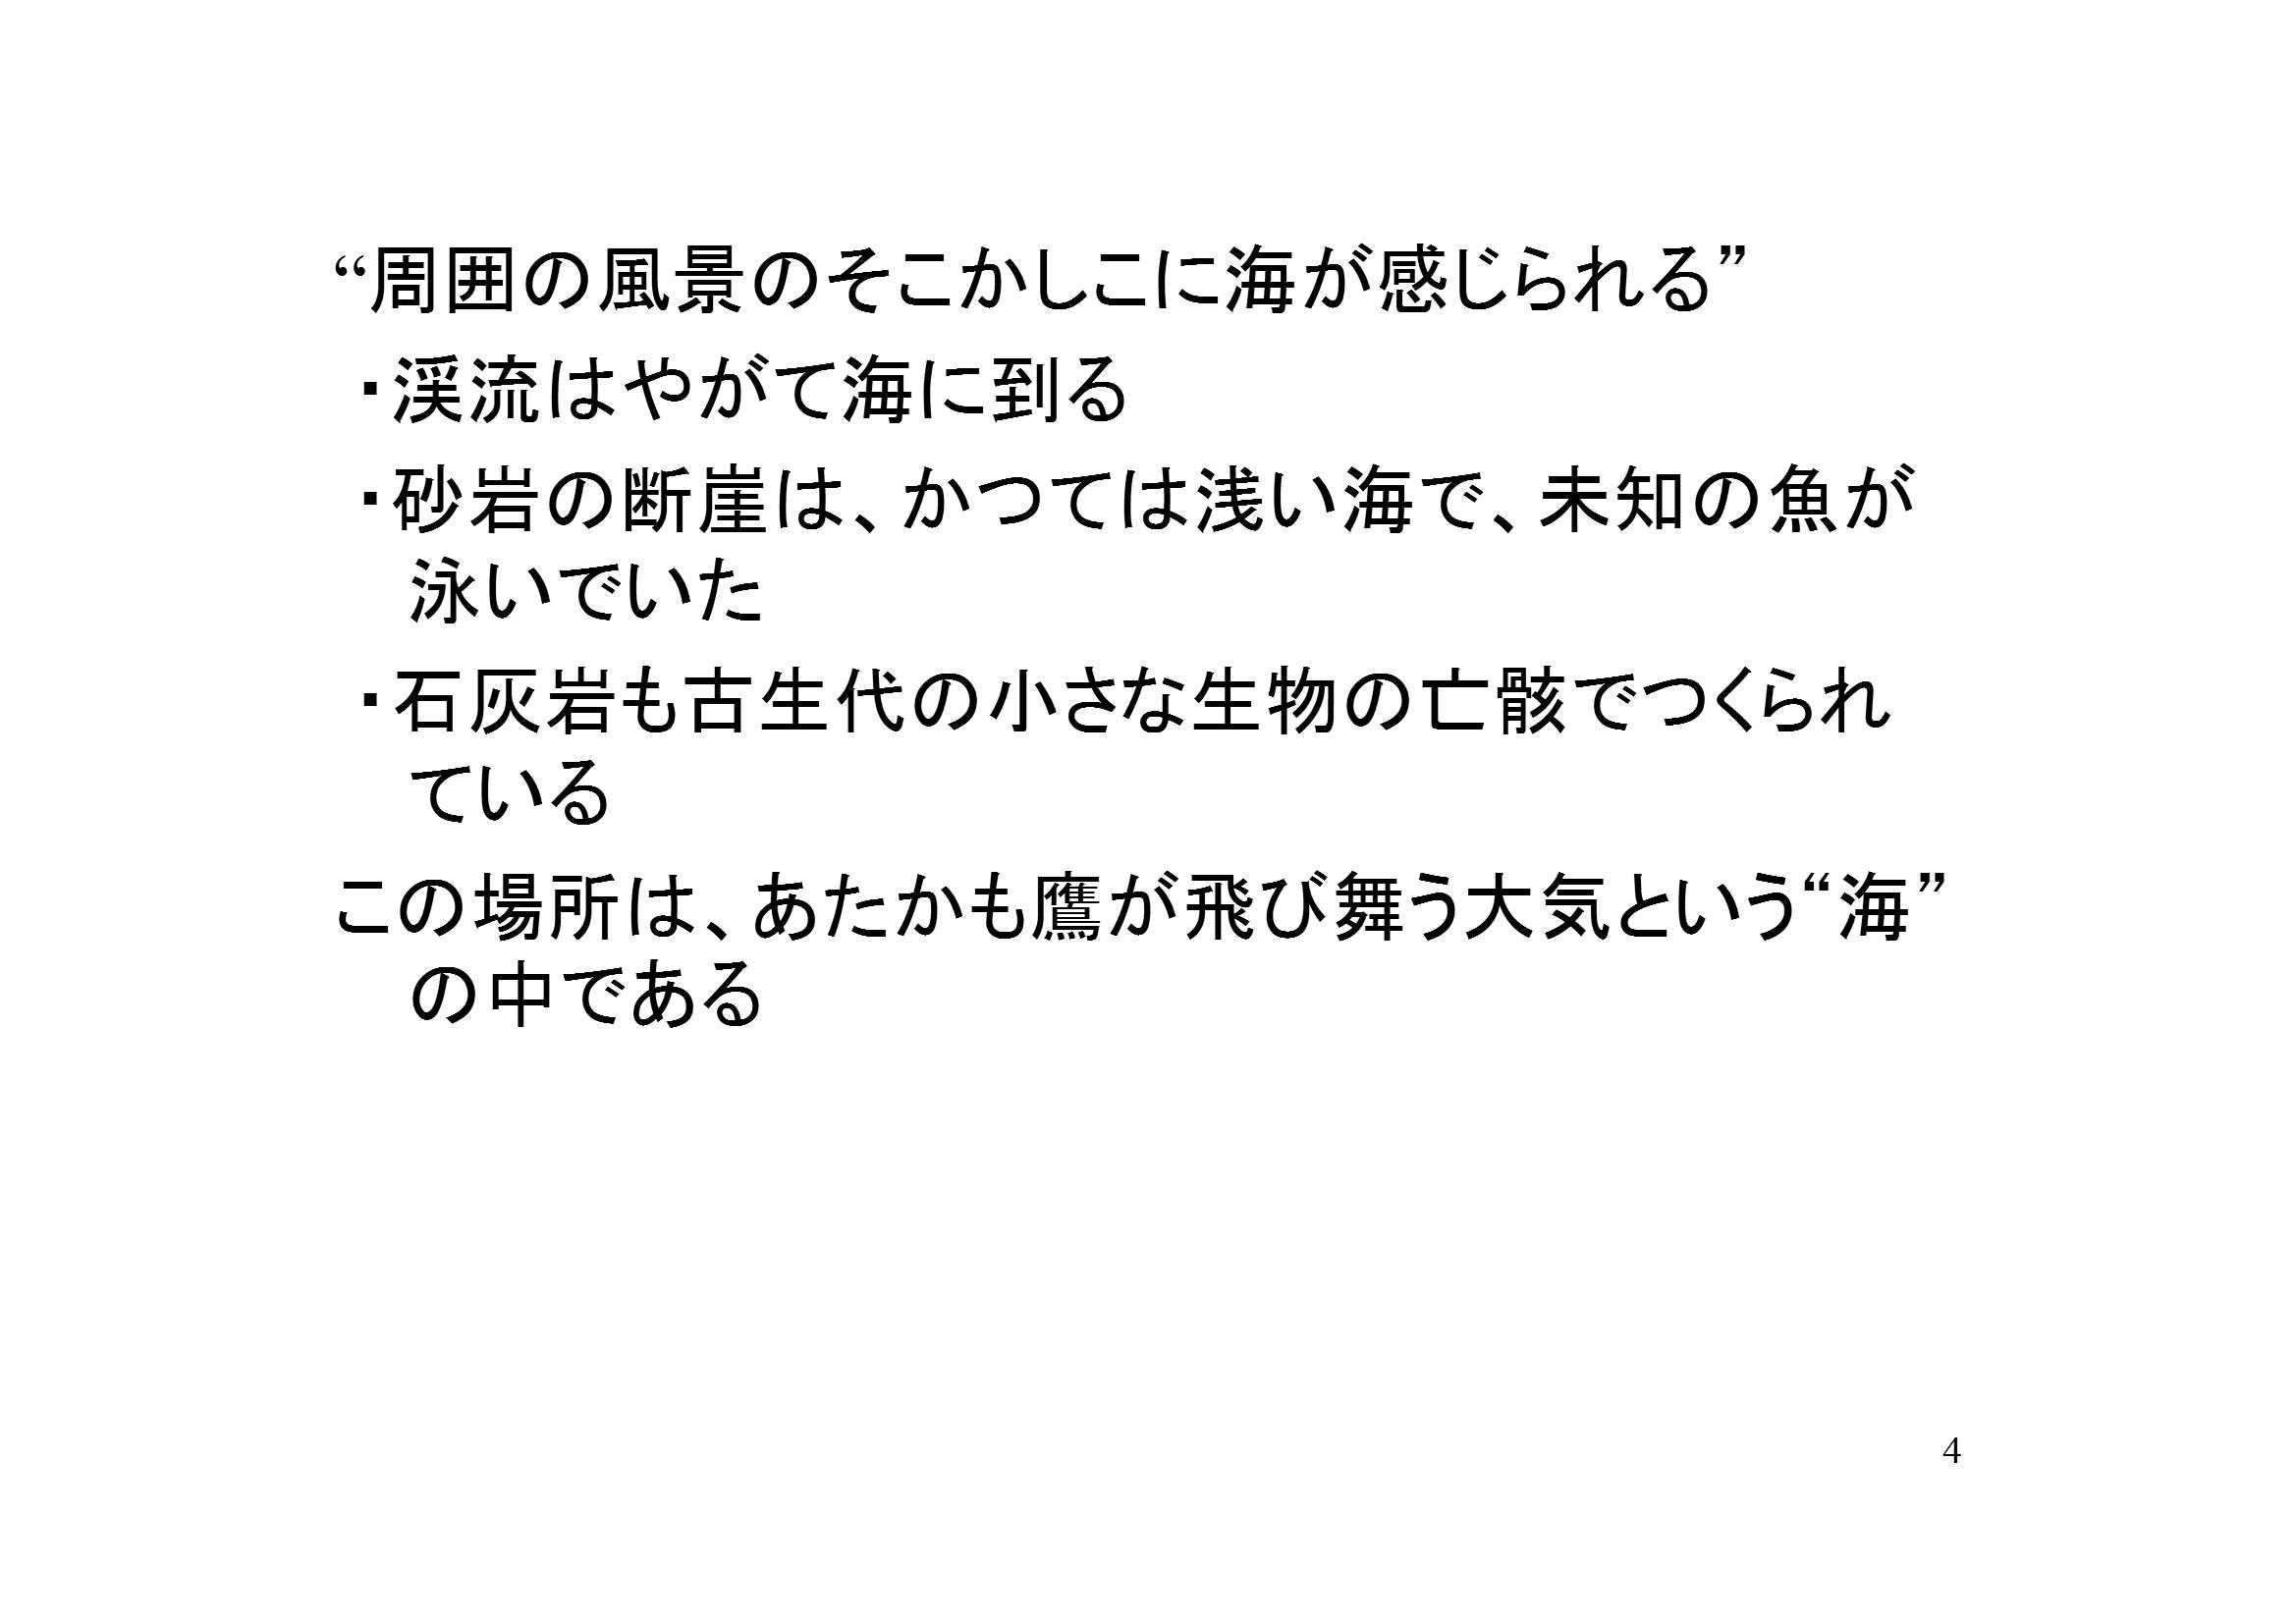 5鷹の道 [互換モード]-04